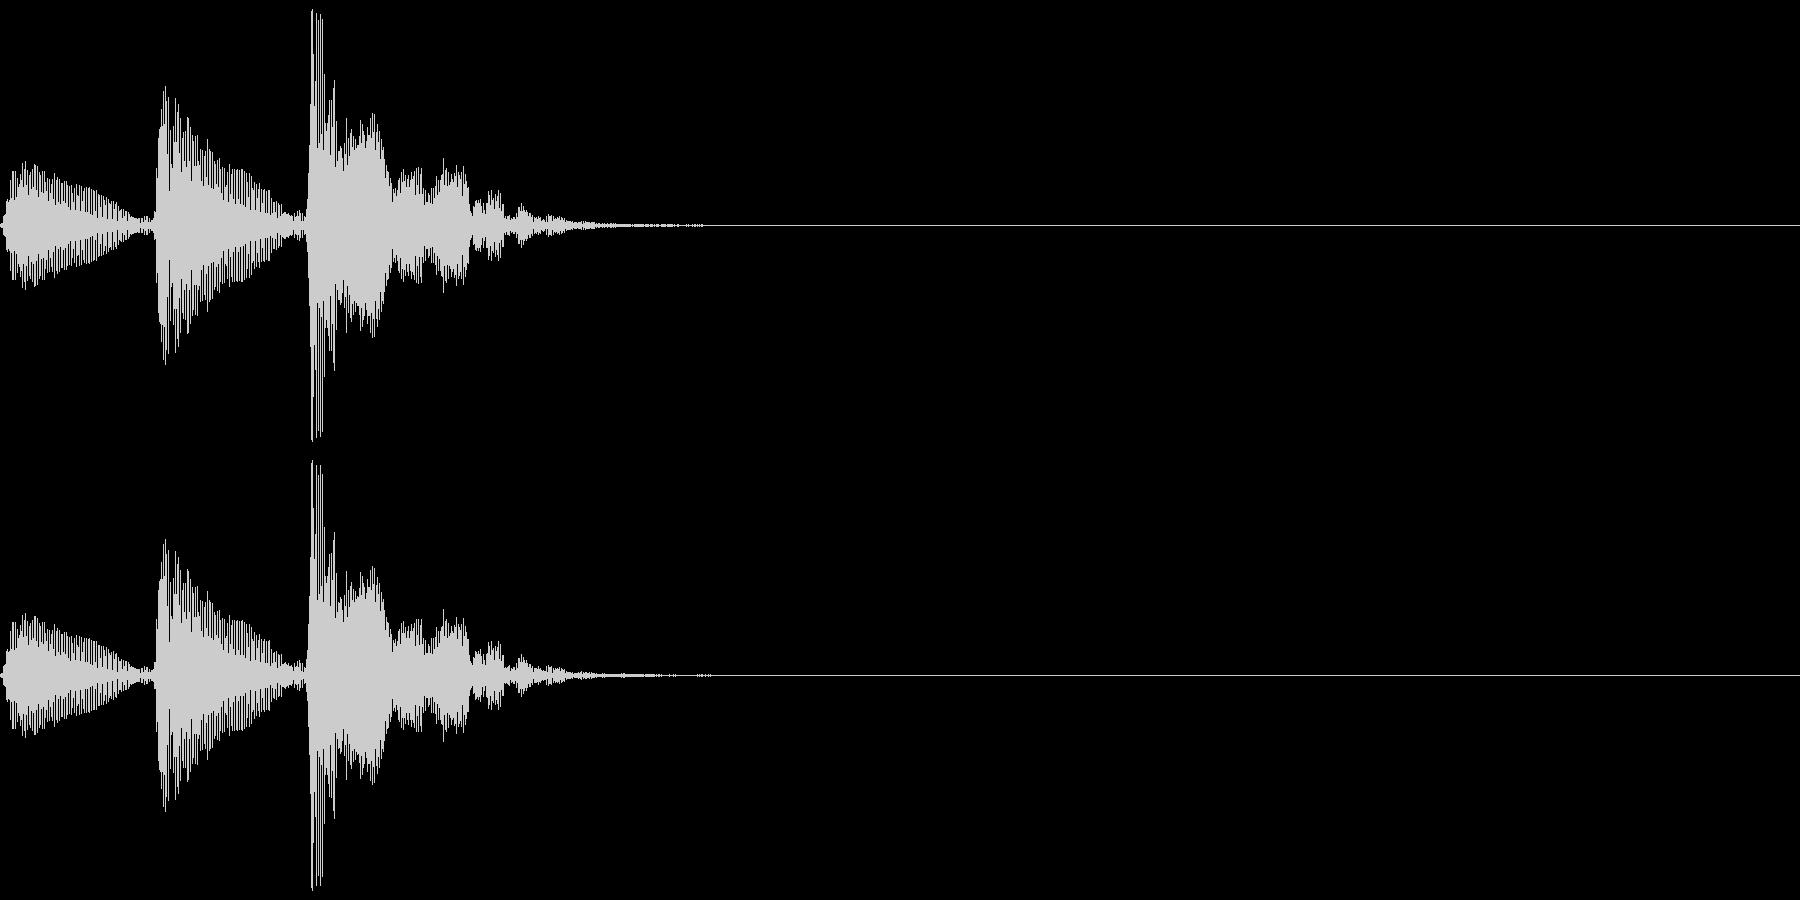 和楽器・鼓(つづみ)の3連打ポポポン1の未再生の波形